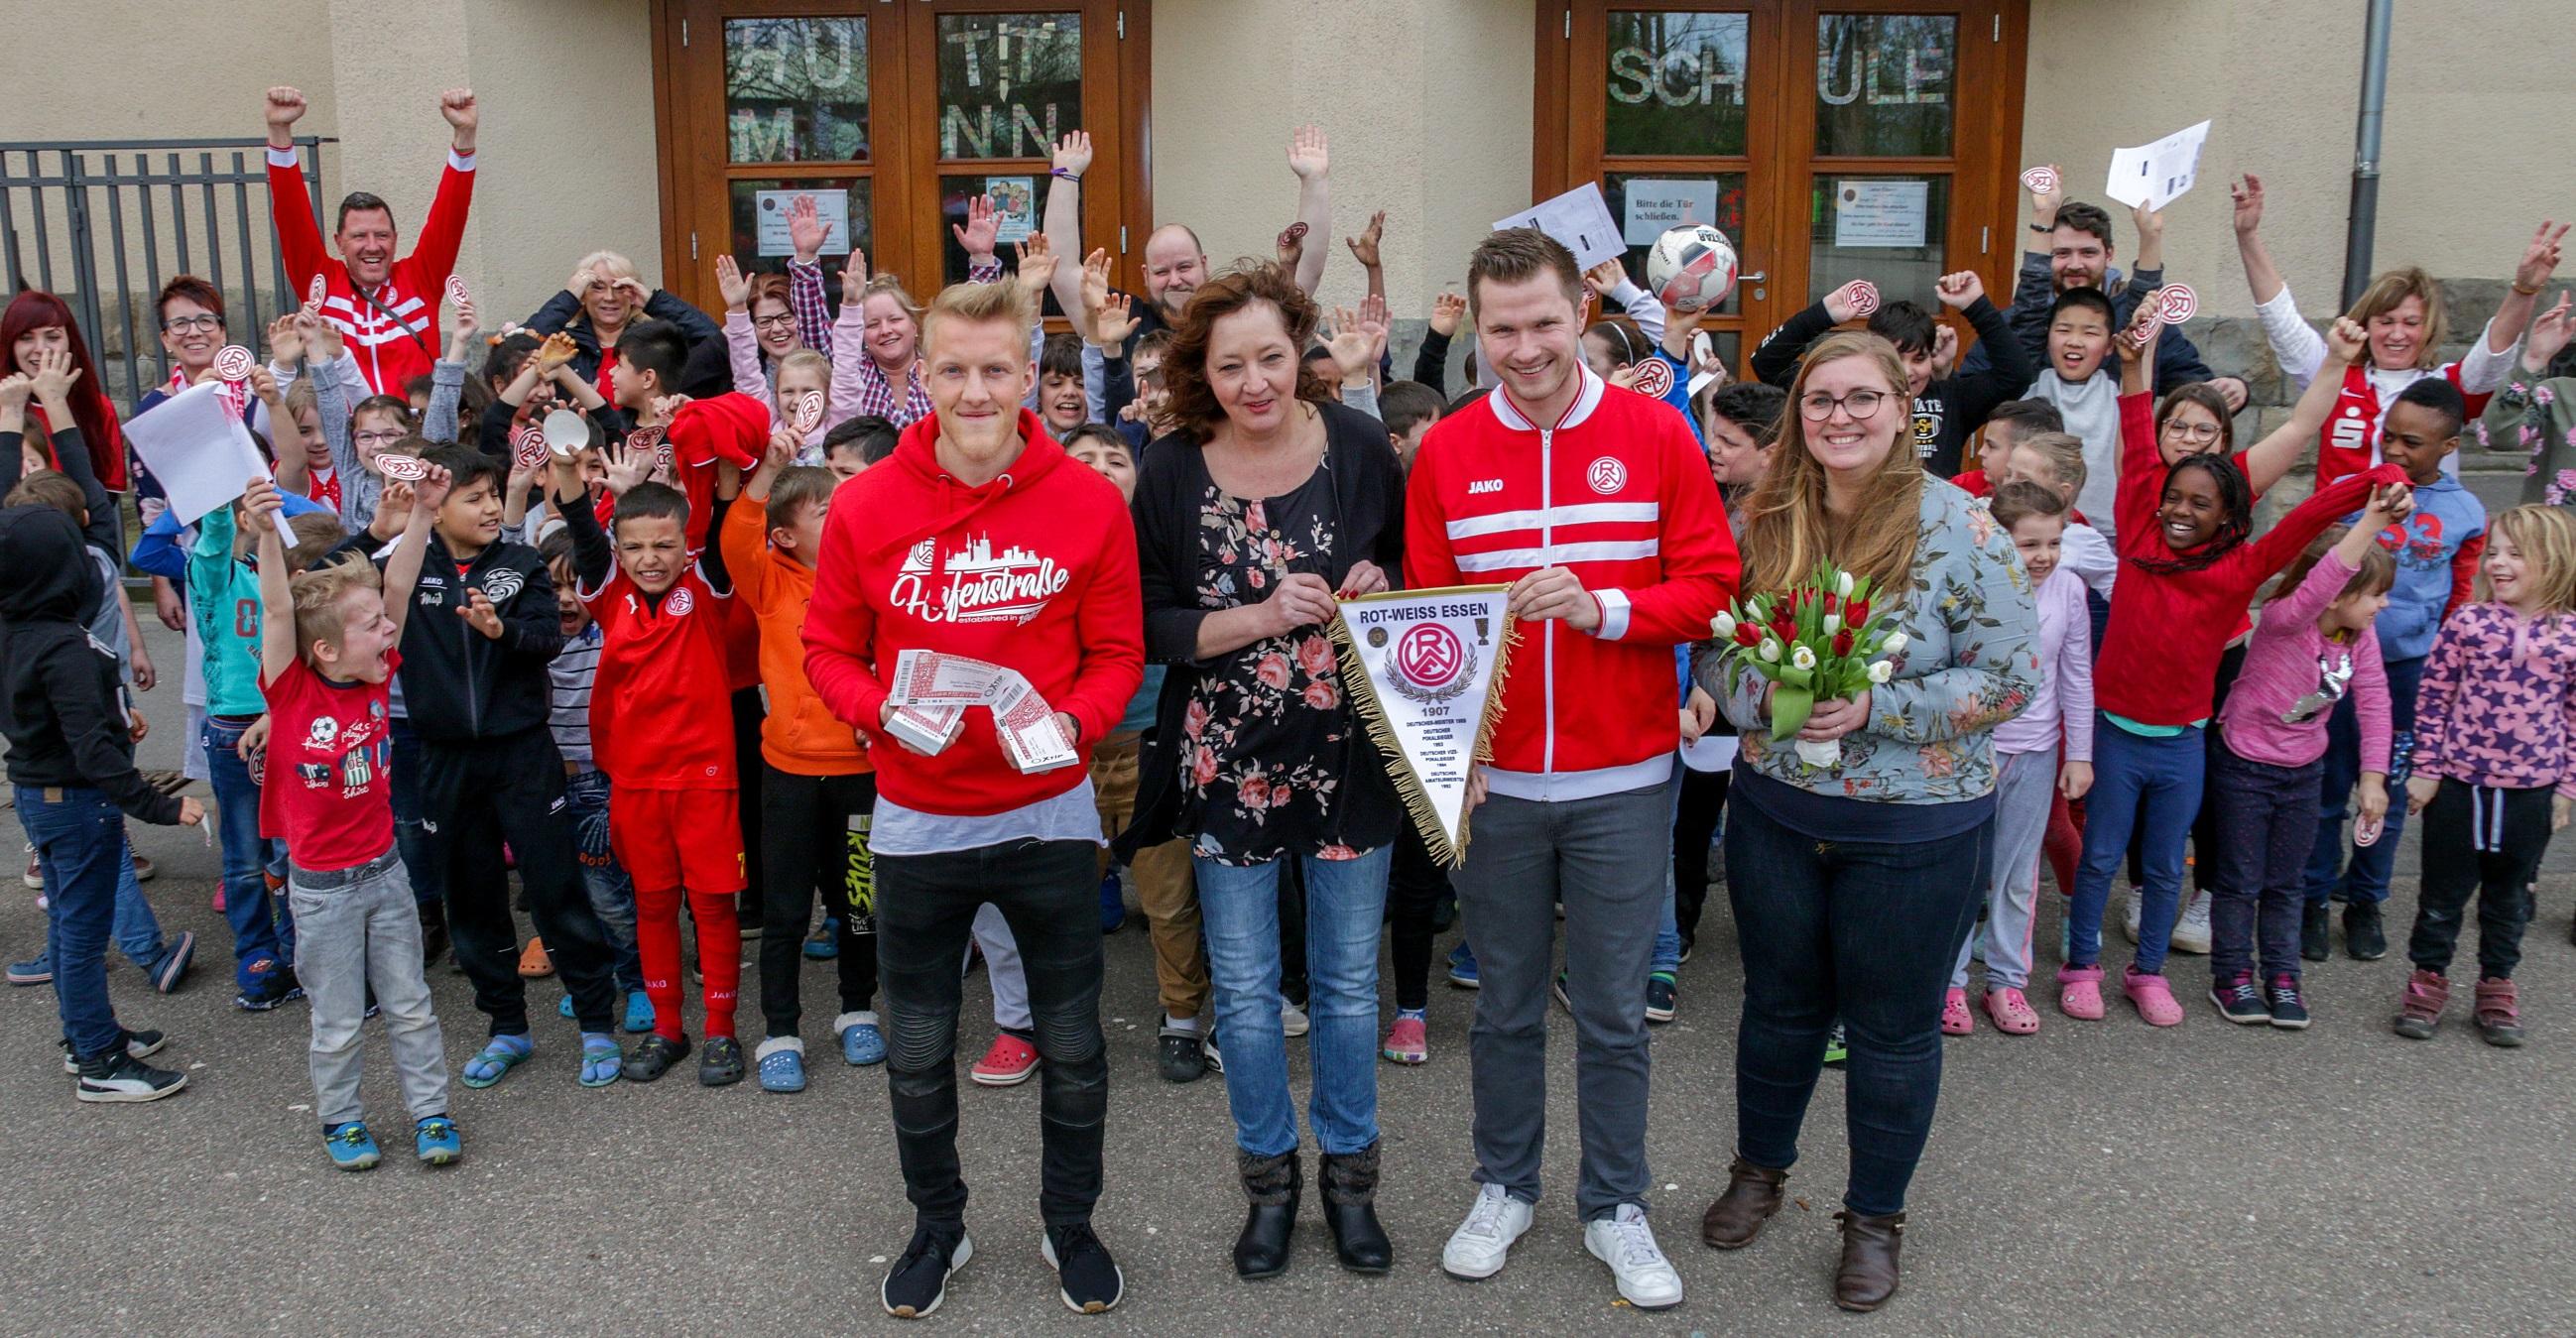 Schöne Premiere für ALLBAU und Essener Chancen: An der Hüttmannschule stieg der erste gemeinsame Rot-Weisse Ganztag. (Foto: Müller/EC)